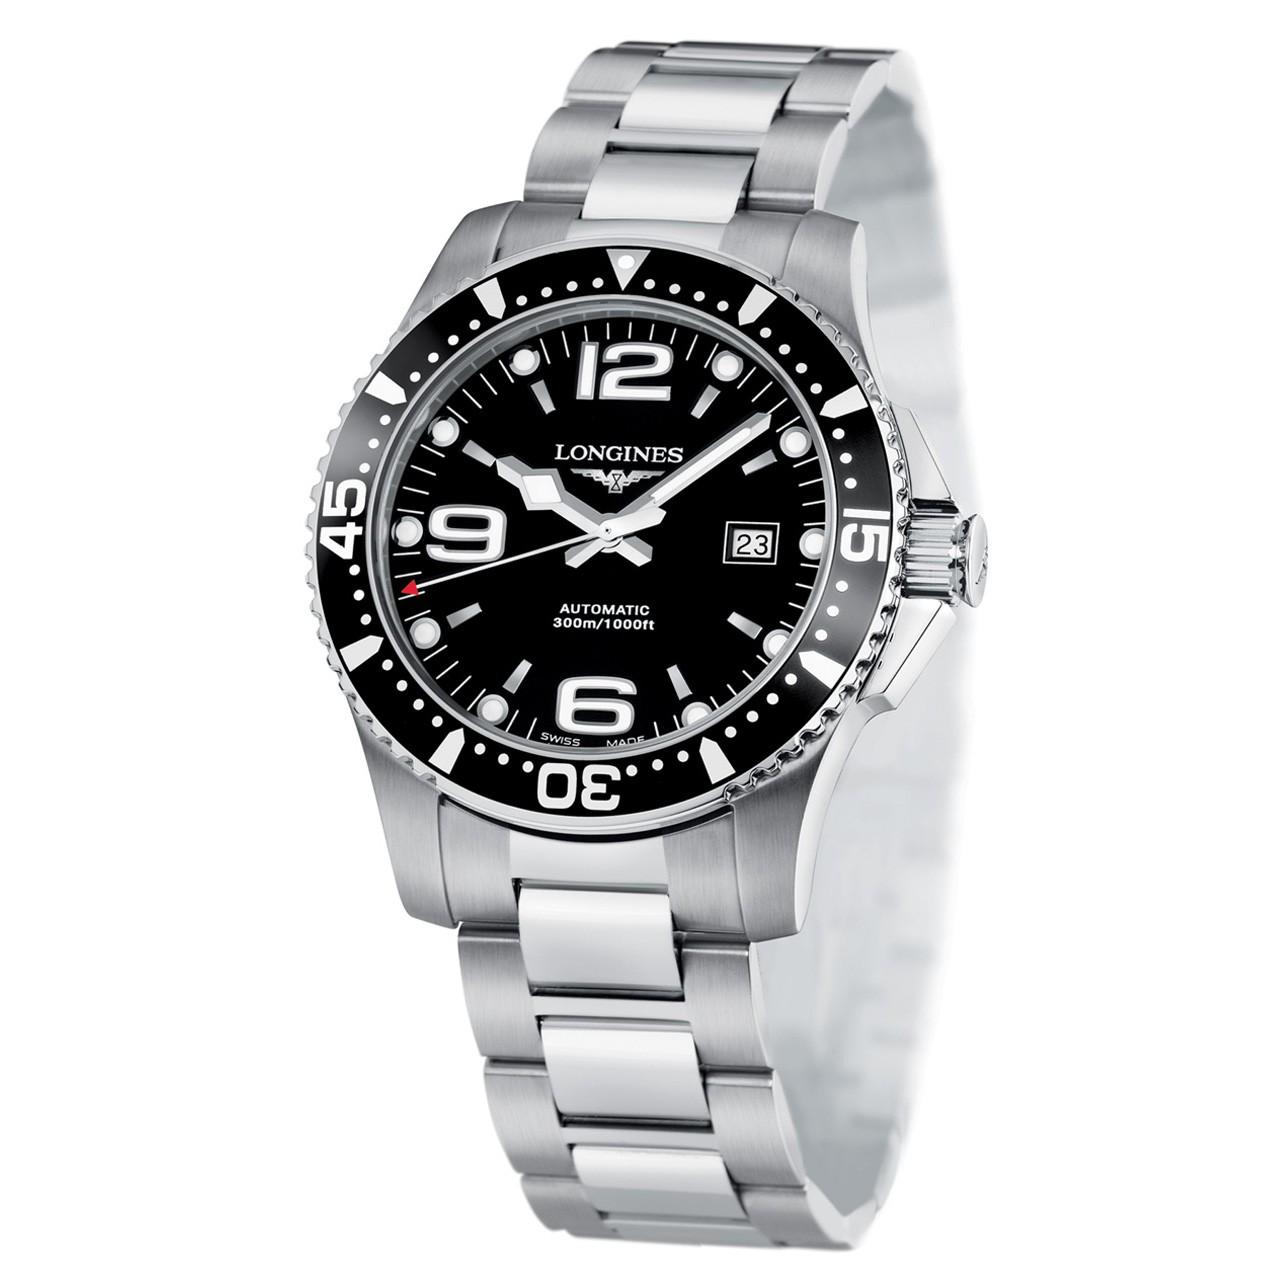 瑞士手表怎么样?瑞士手表电池的更换